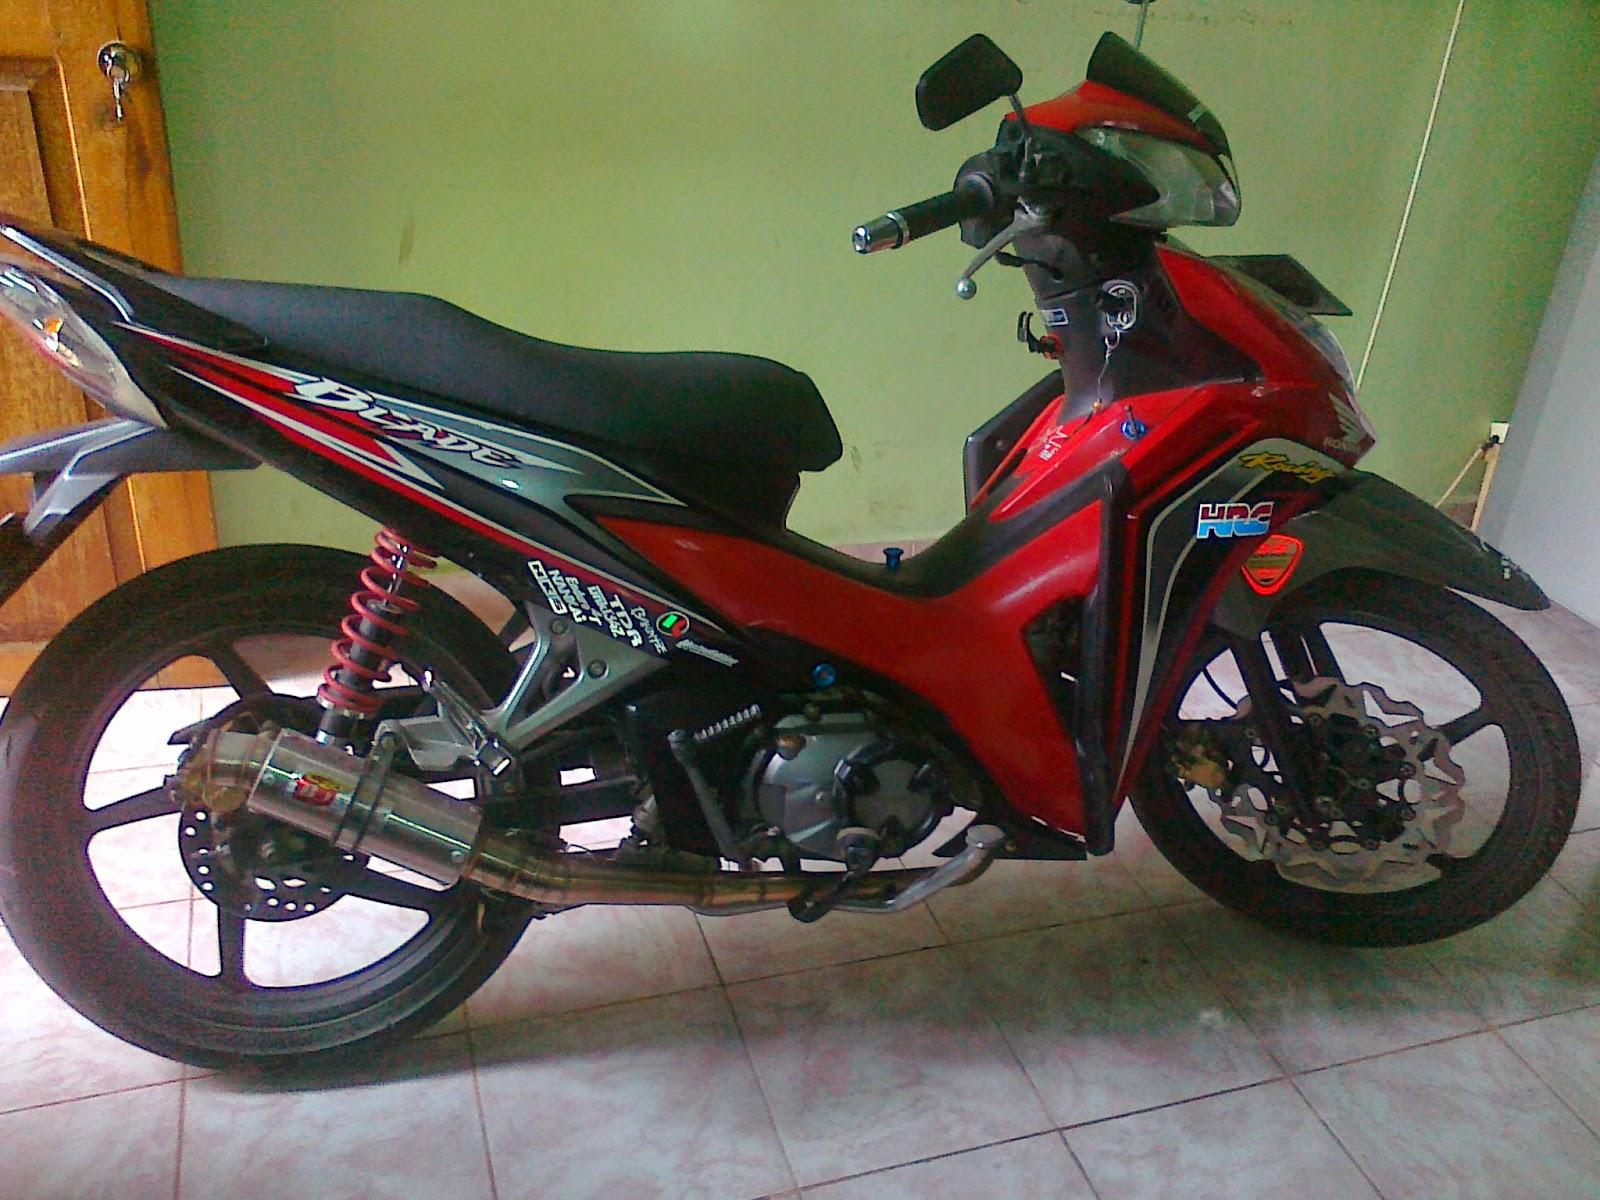 Sriwijaya Honda Blade: DAFTAR CELAH KLEP PADA SEPEDA MOTOR